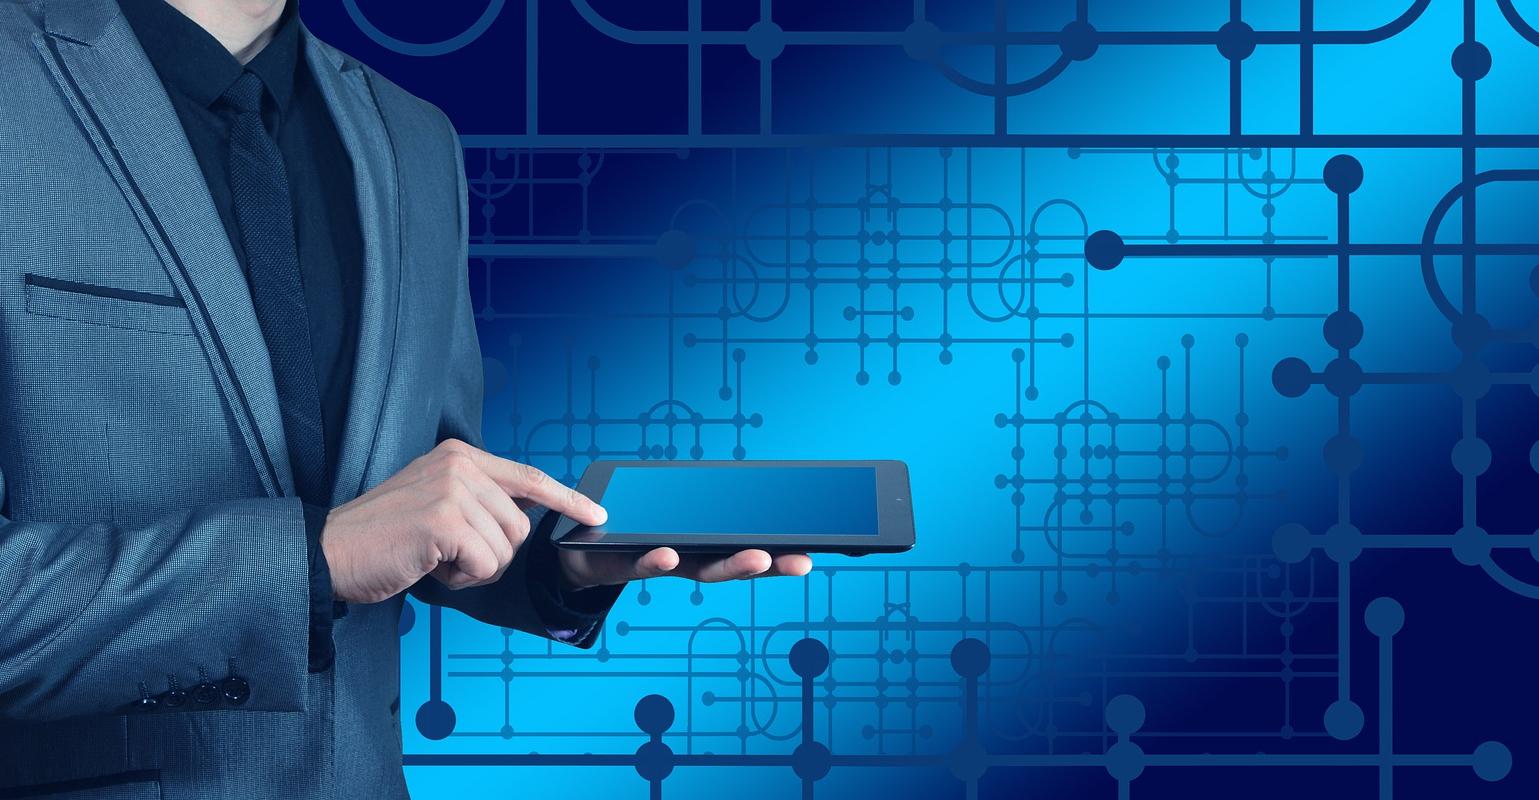 Digitalisierung: Die Herausforderungen wachsen weiter